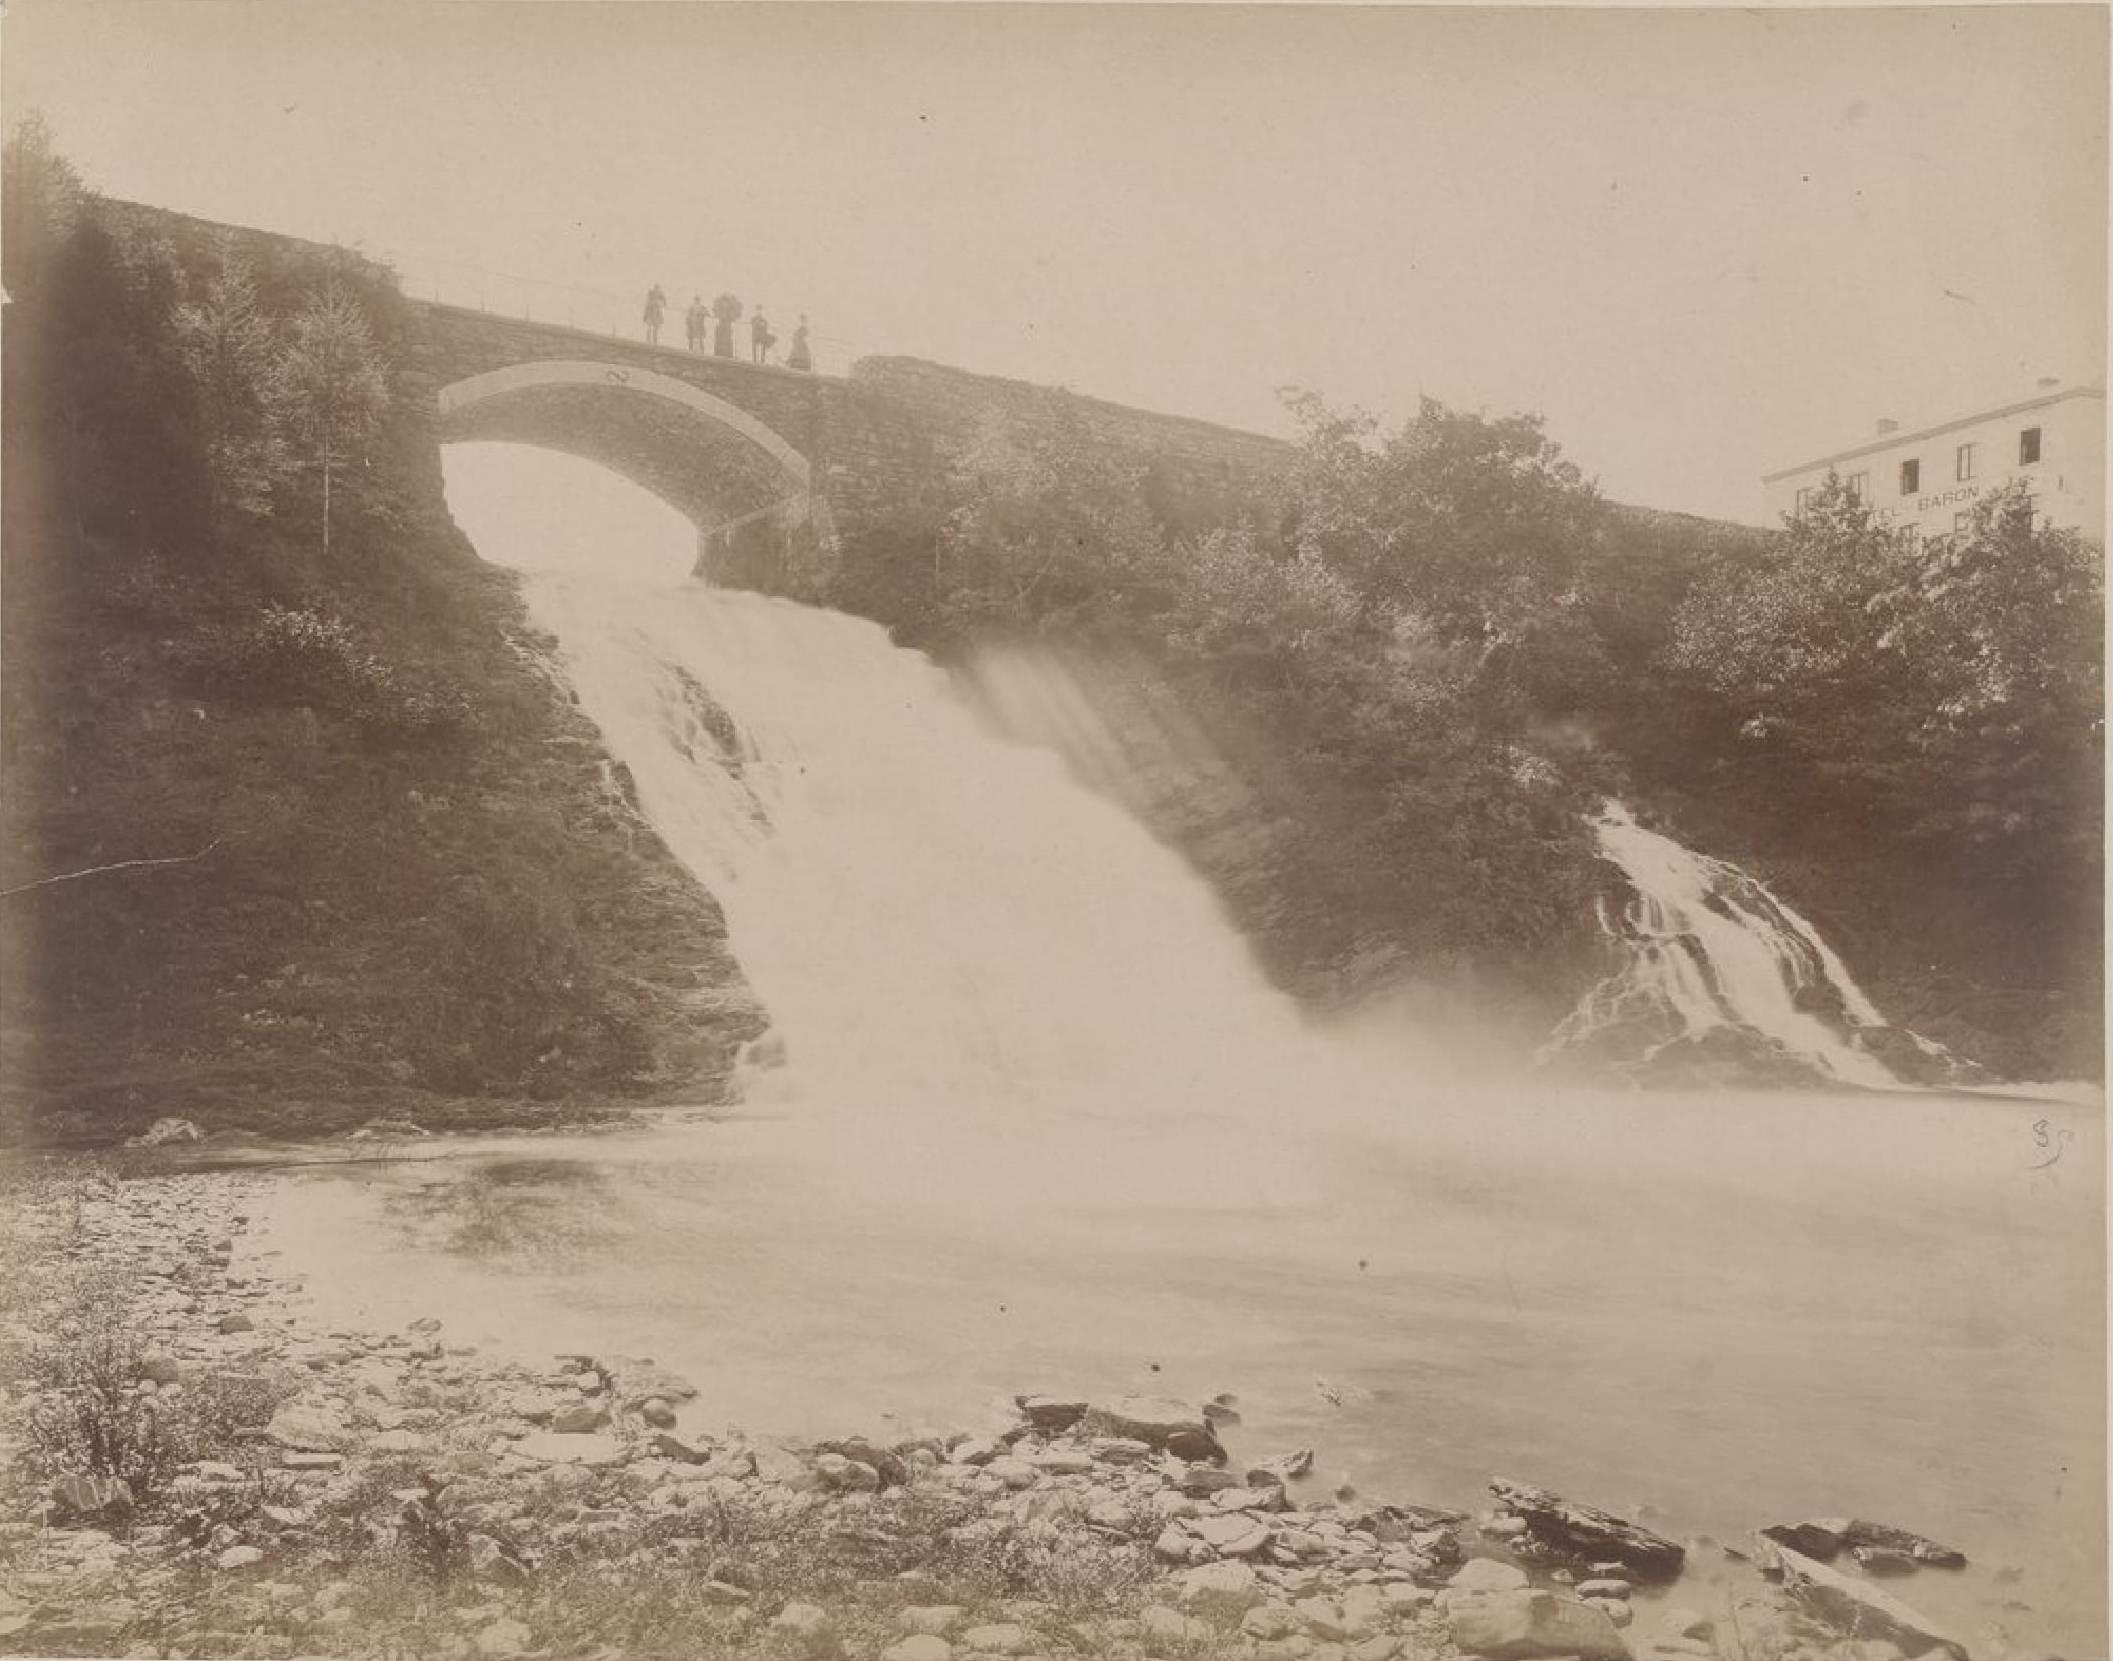 Бельгия. Окрестности Спа. Водопады Coo, 21 мая 1888